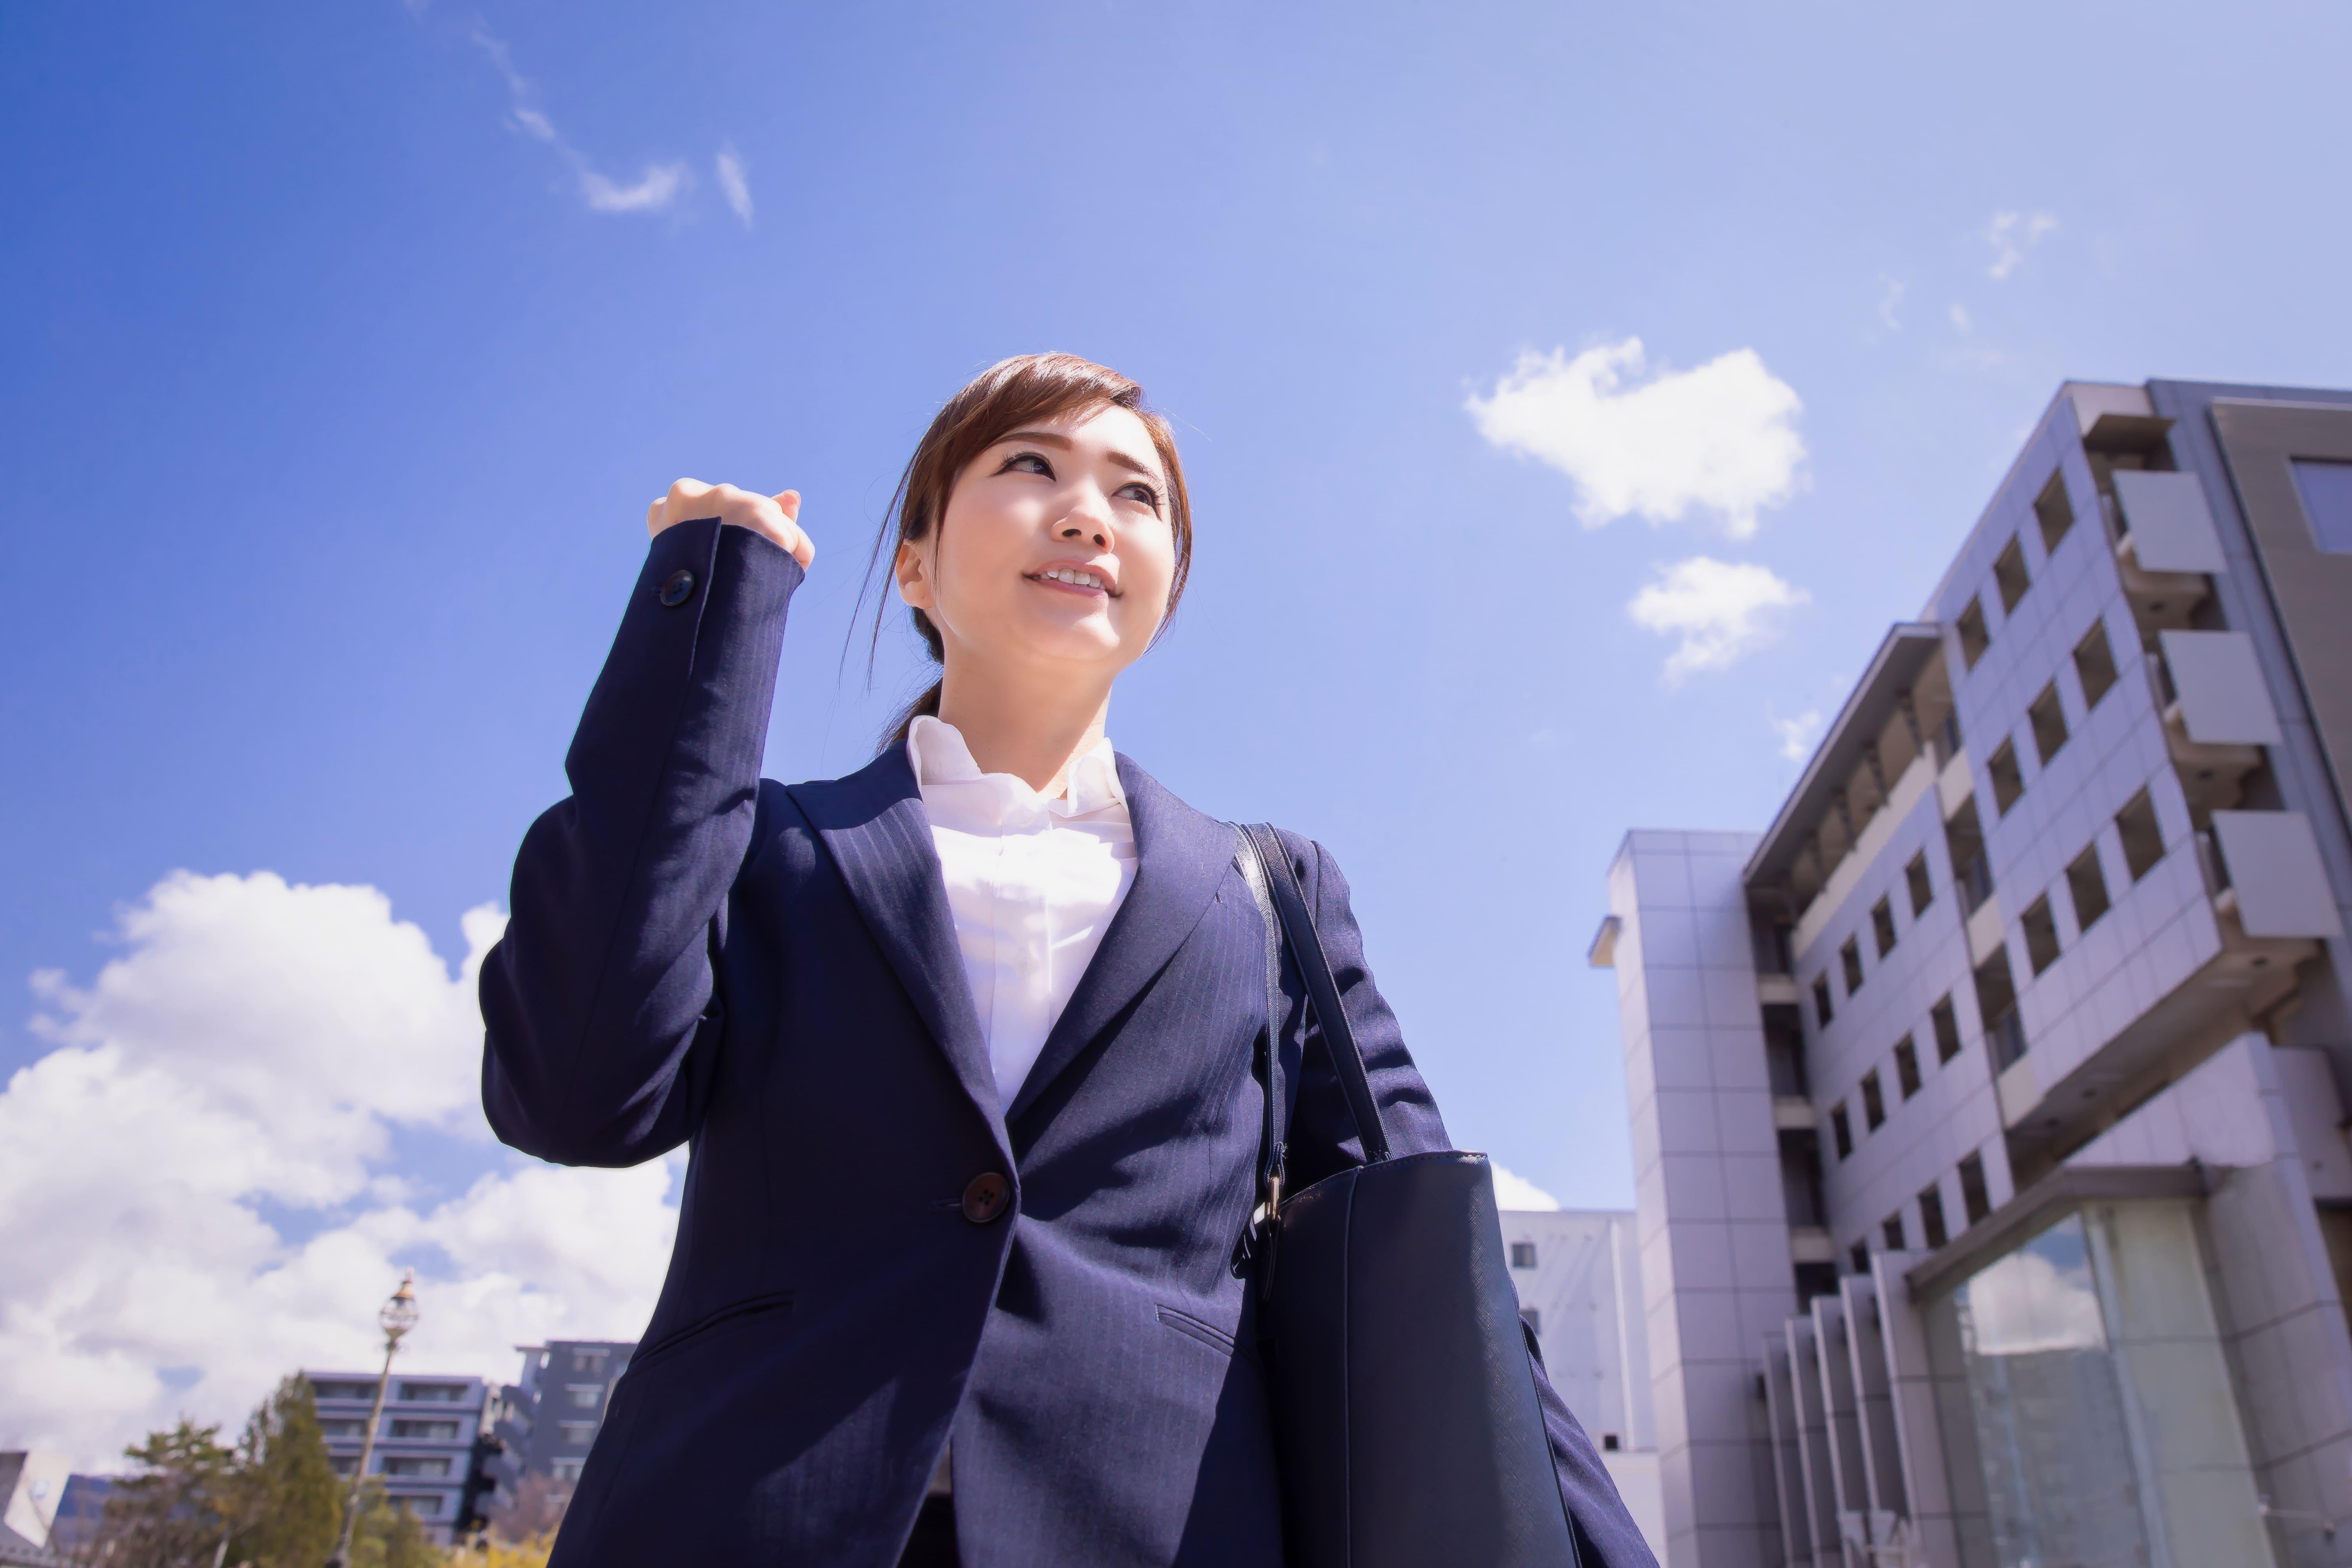 空とスーツ姿の女性